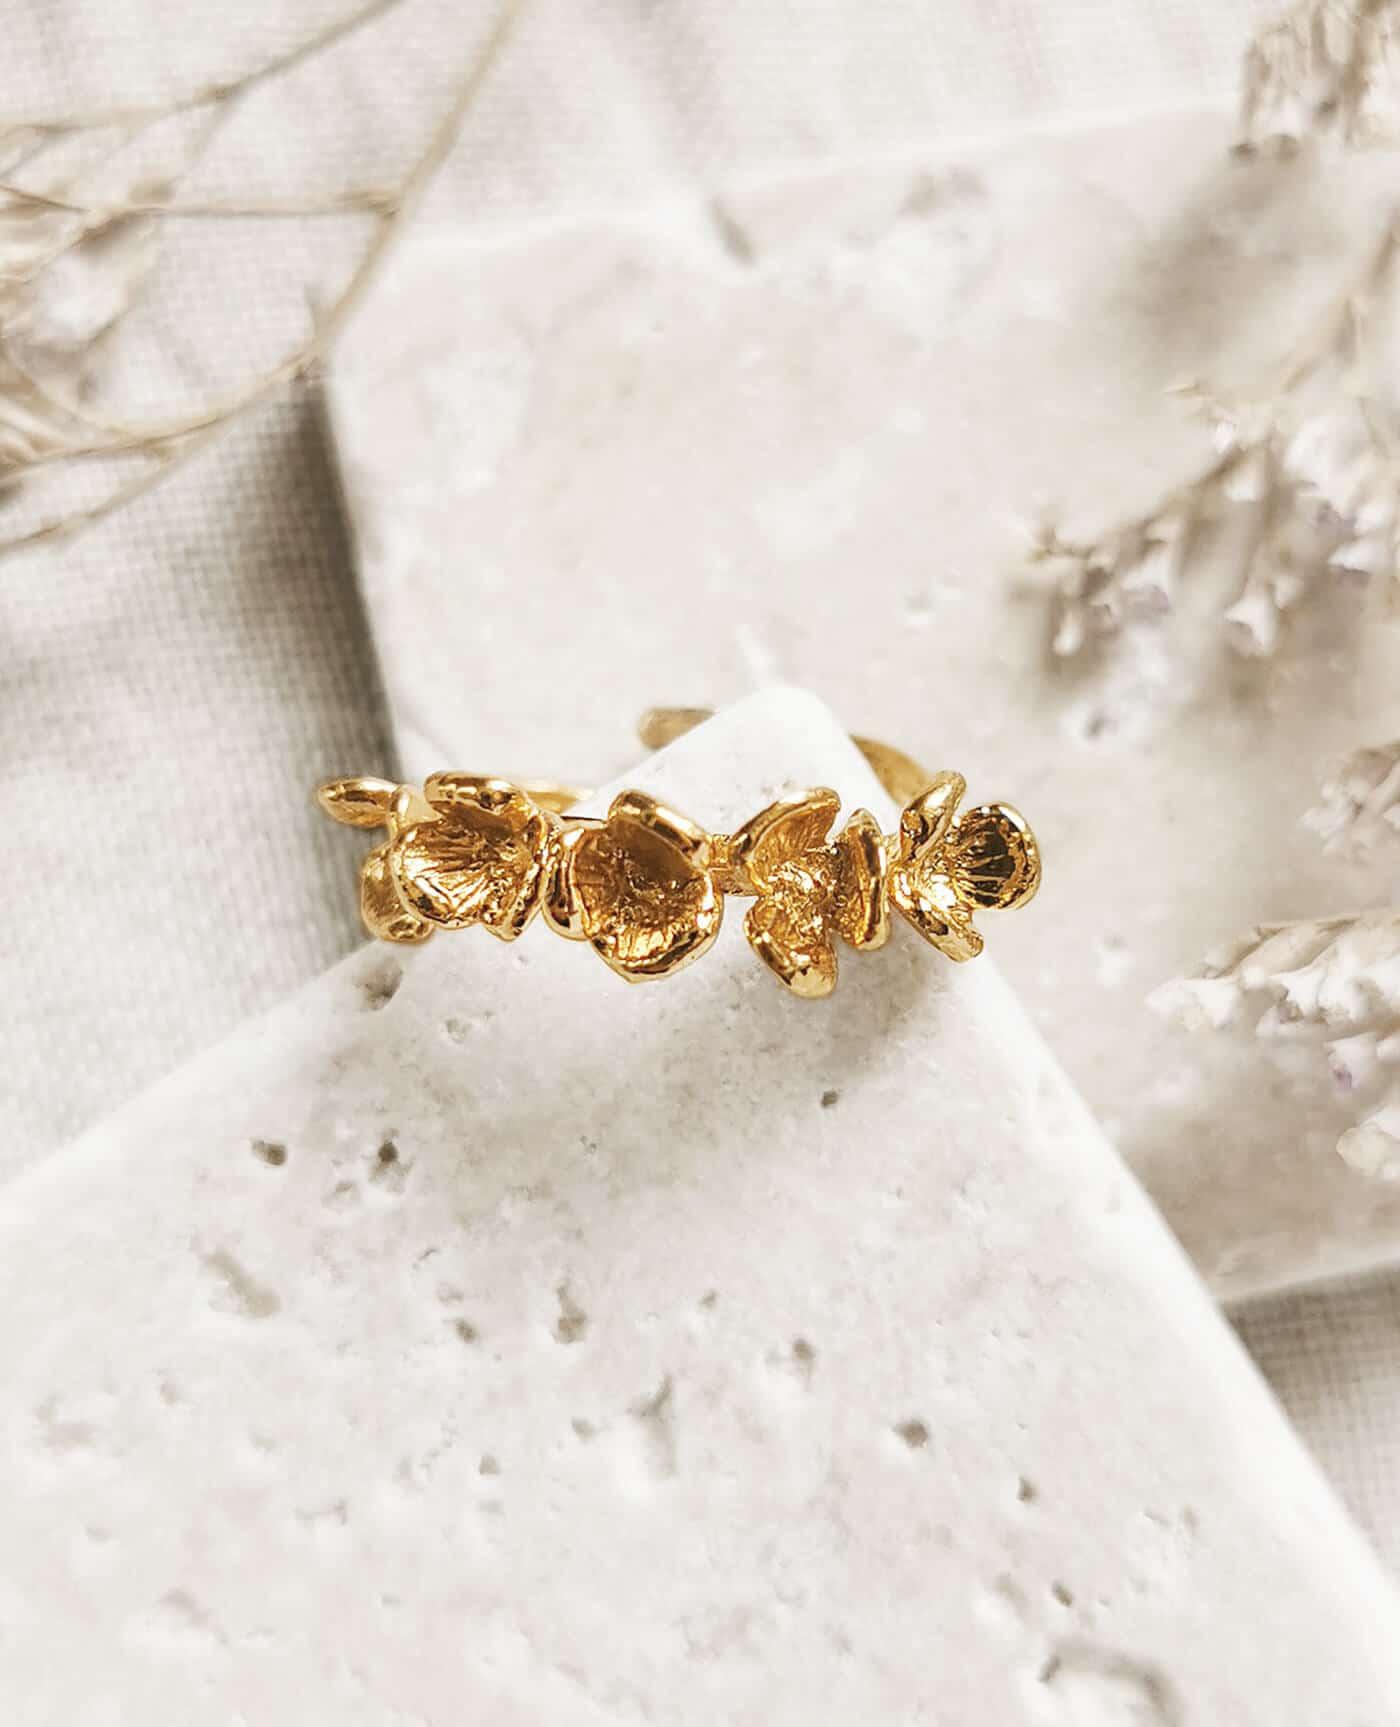 Bague fleurs en or fairtrade modéle Jamne de la marque Elise Tsikis